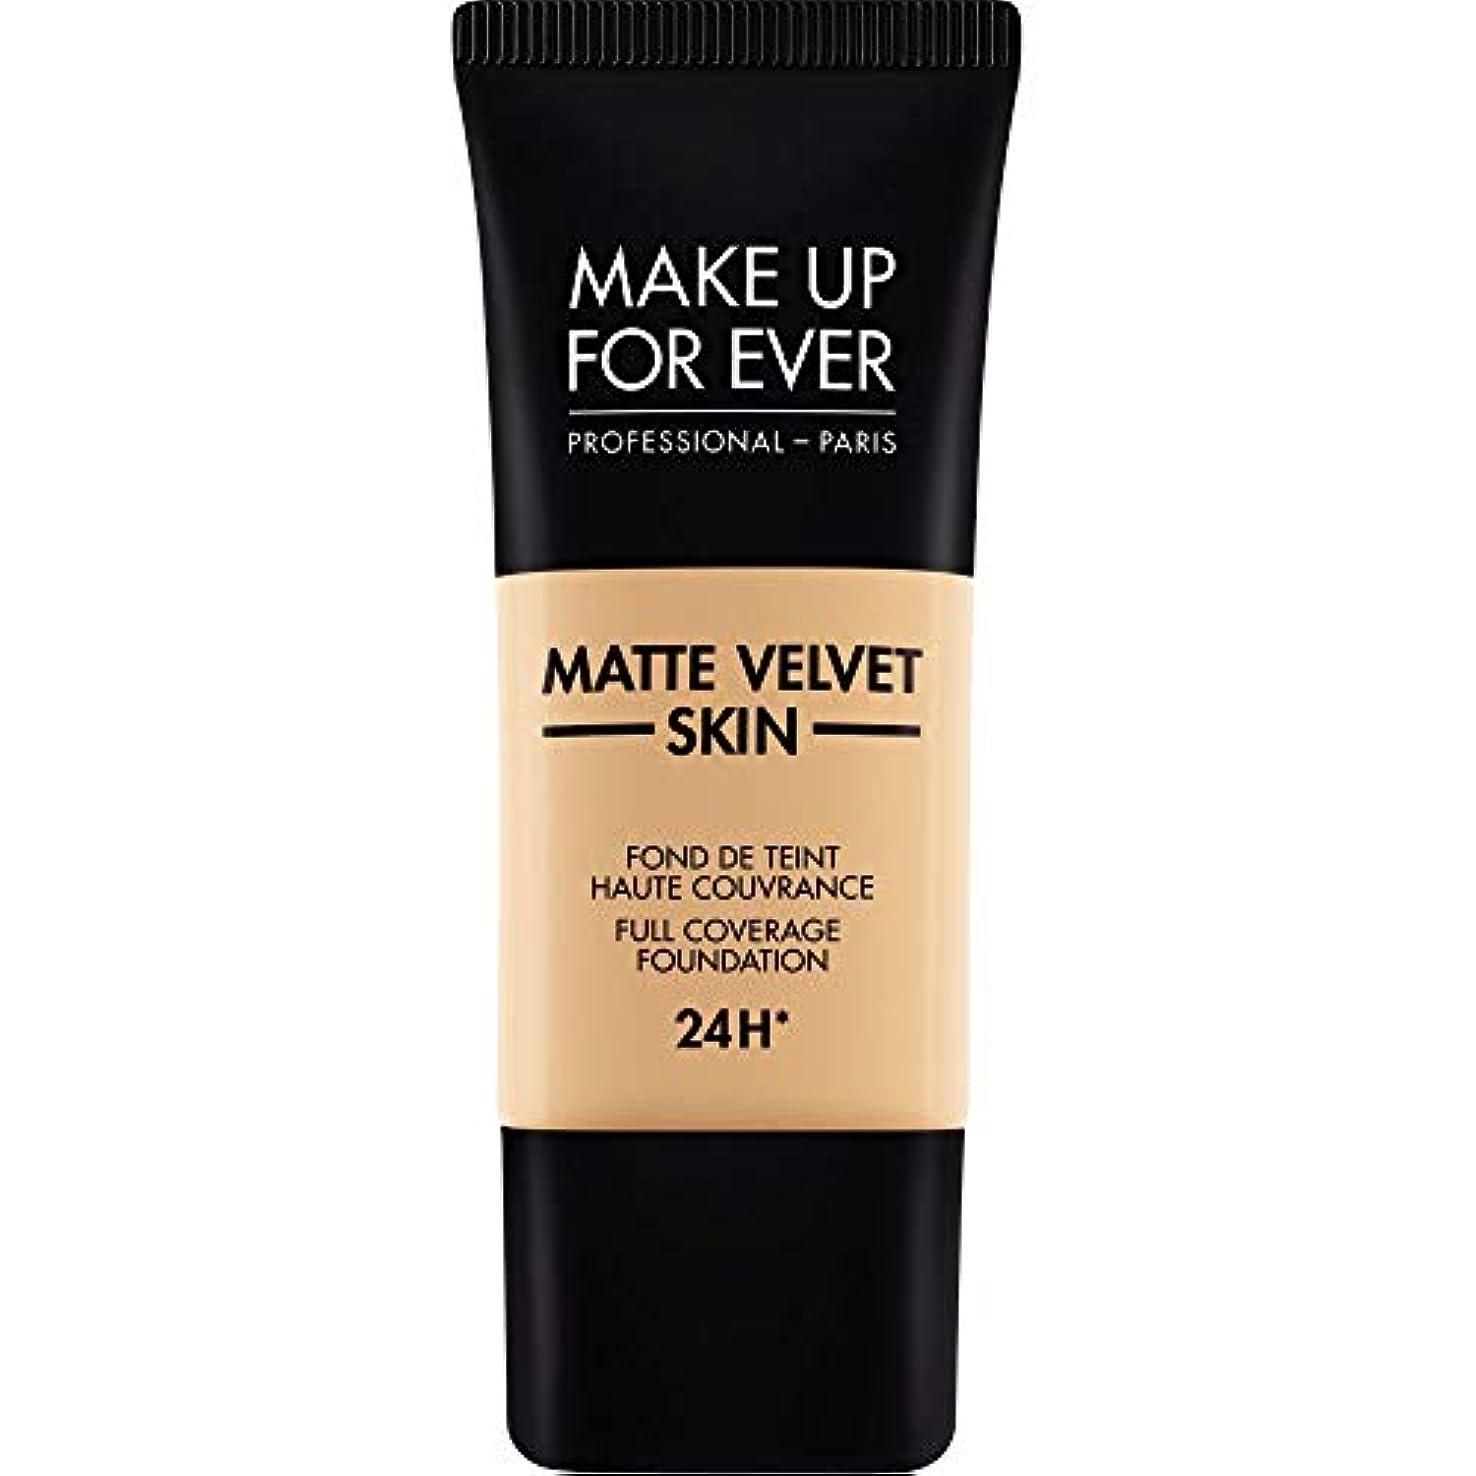 悲惨な孤独な巨大な[MAKE UP FOR EVER ] 暗い砂 - これまでマットベルベットの皮膚のフルカバレッジ基礎30ミリリットルのY335を補います - MAKE UP FOR EVER Matte Velvet Skin Full...